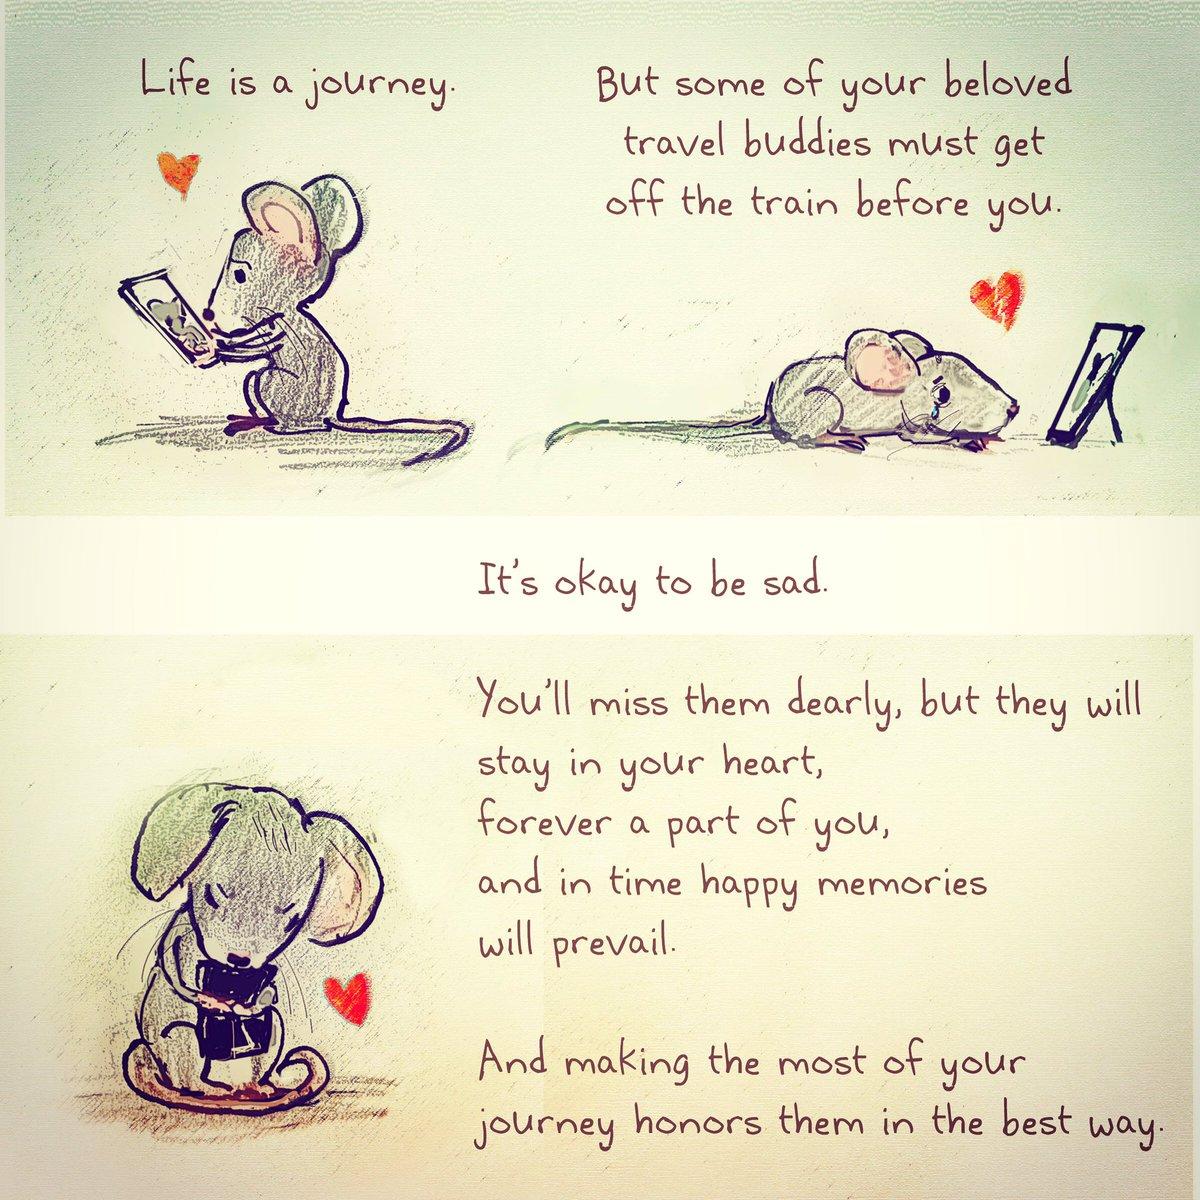 A #sad little mouse. #illustration #kidlitart #sketch <br>http://pic.twitter.com/3BvNq3LEUB